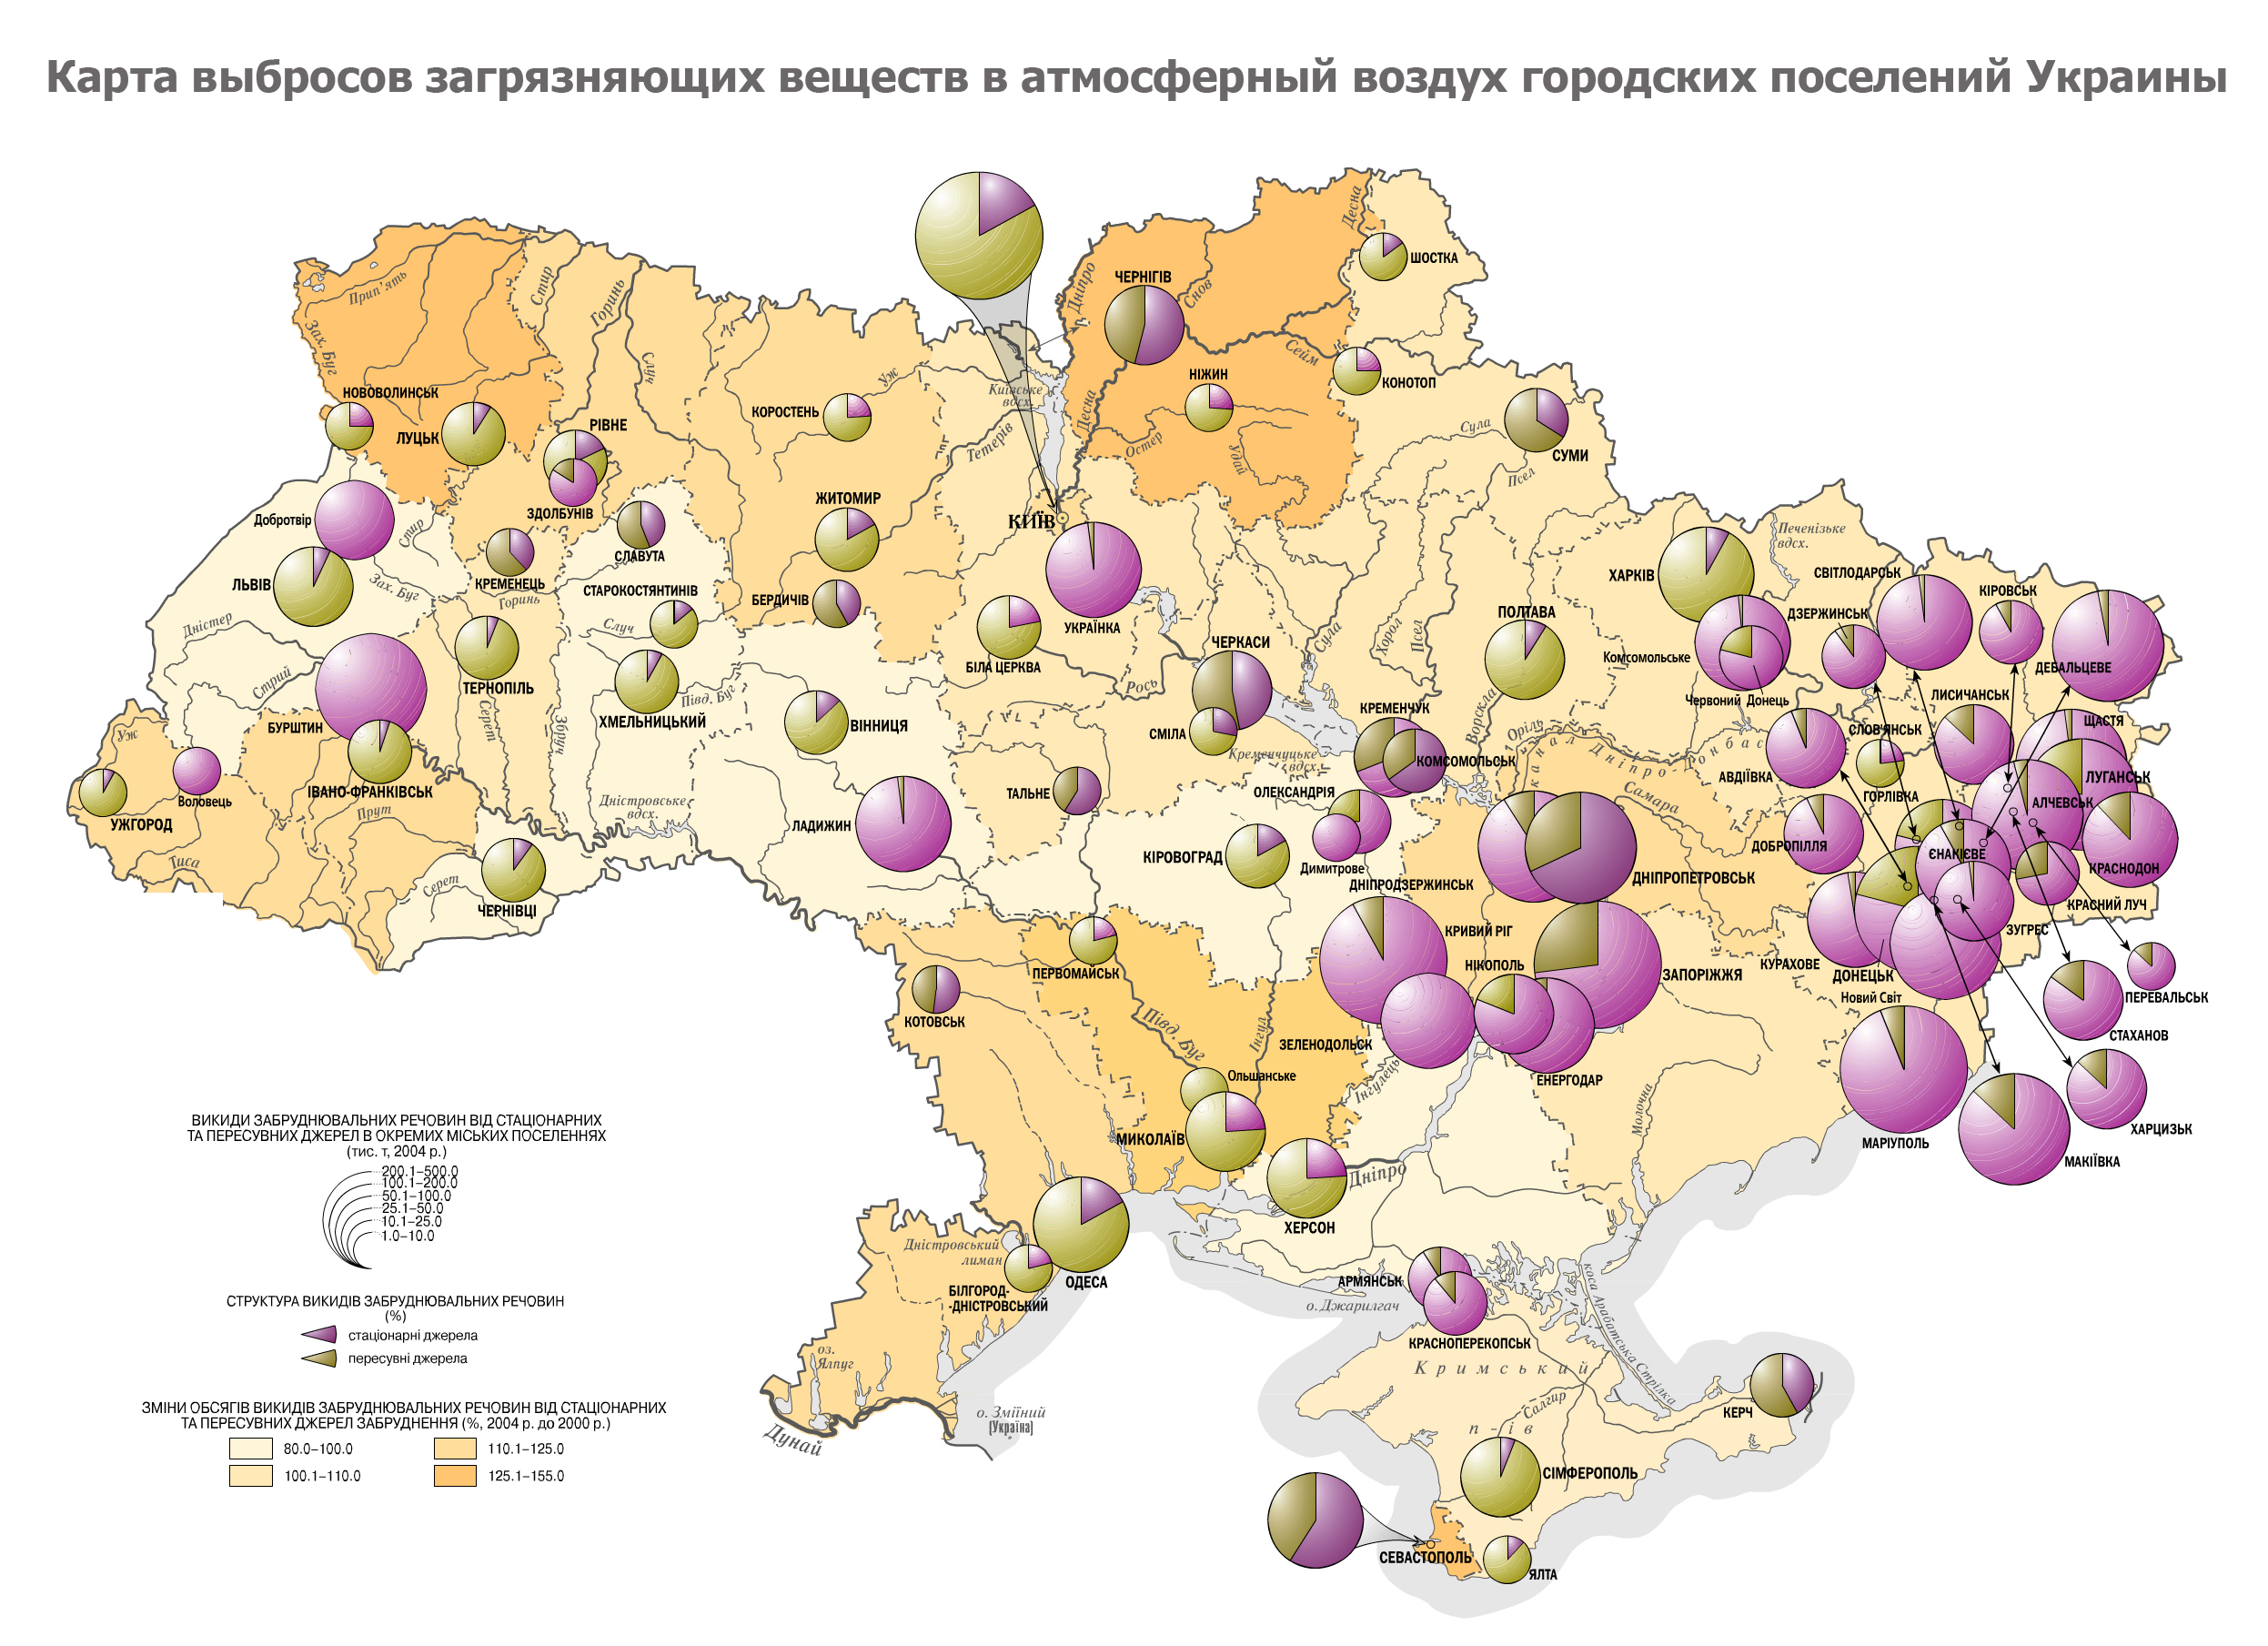 Карта выбросов загрязняющих веществ в воздух городов Украины